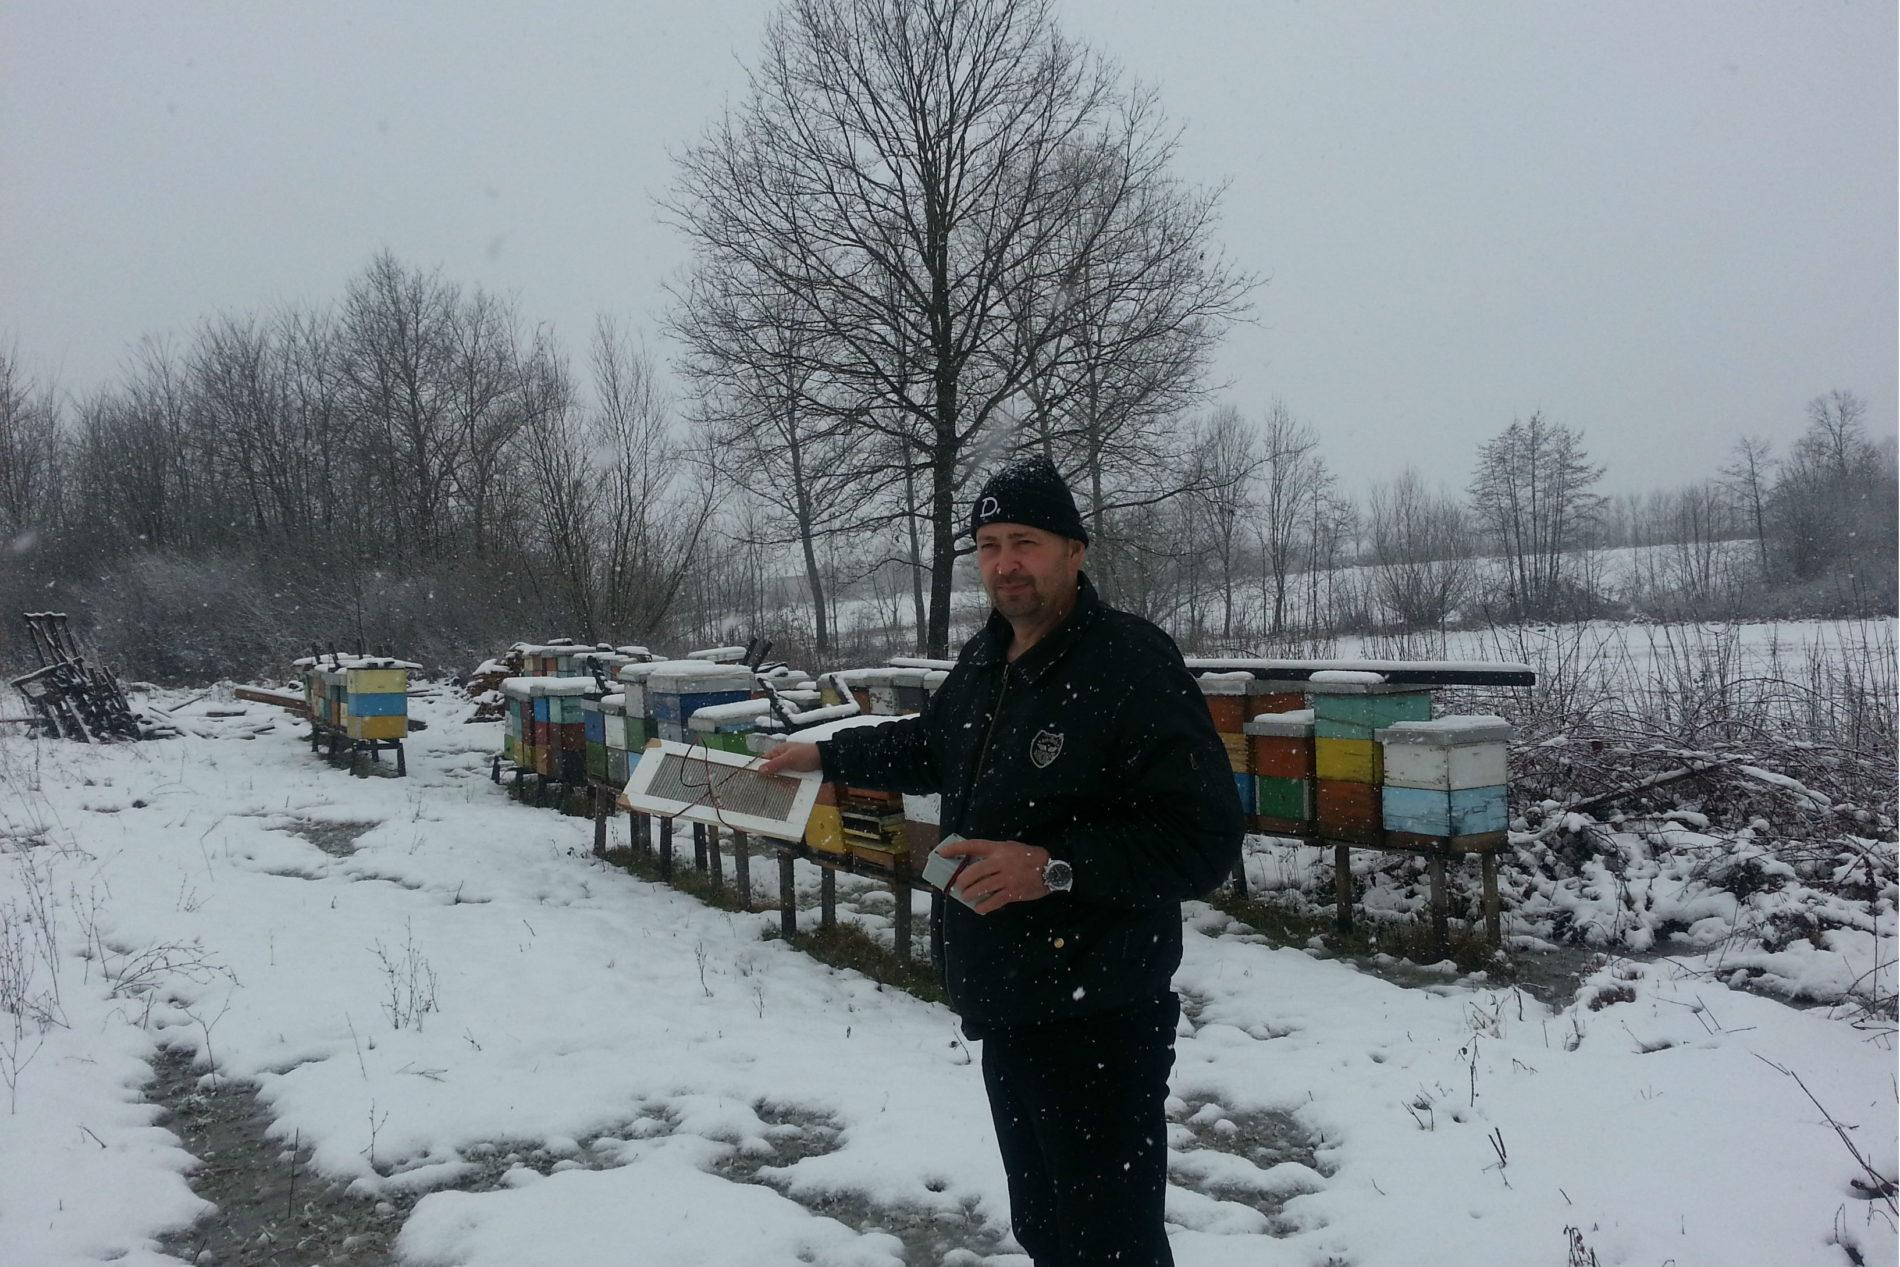 Jedini u BiH: Sulejman Jakupović proizveo kilogram pčelinjeg otrova, gram košta 50 do 70 dolara